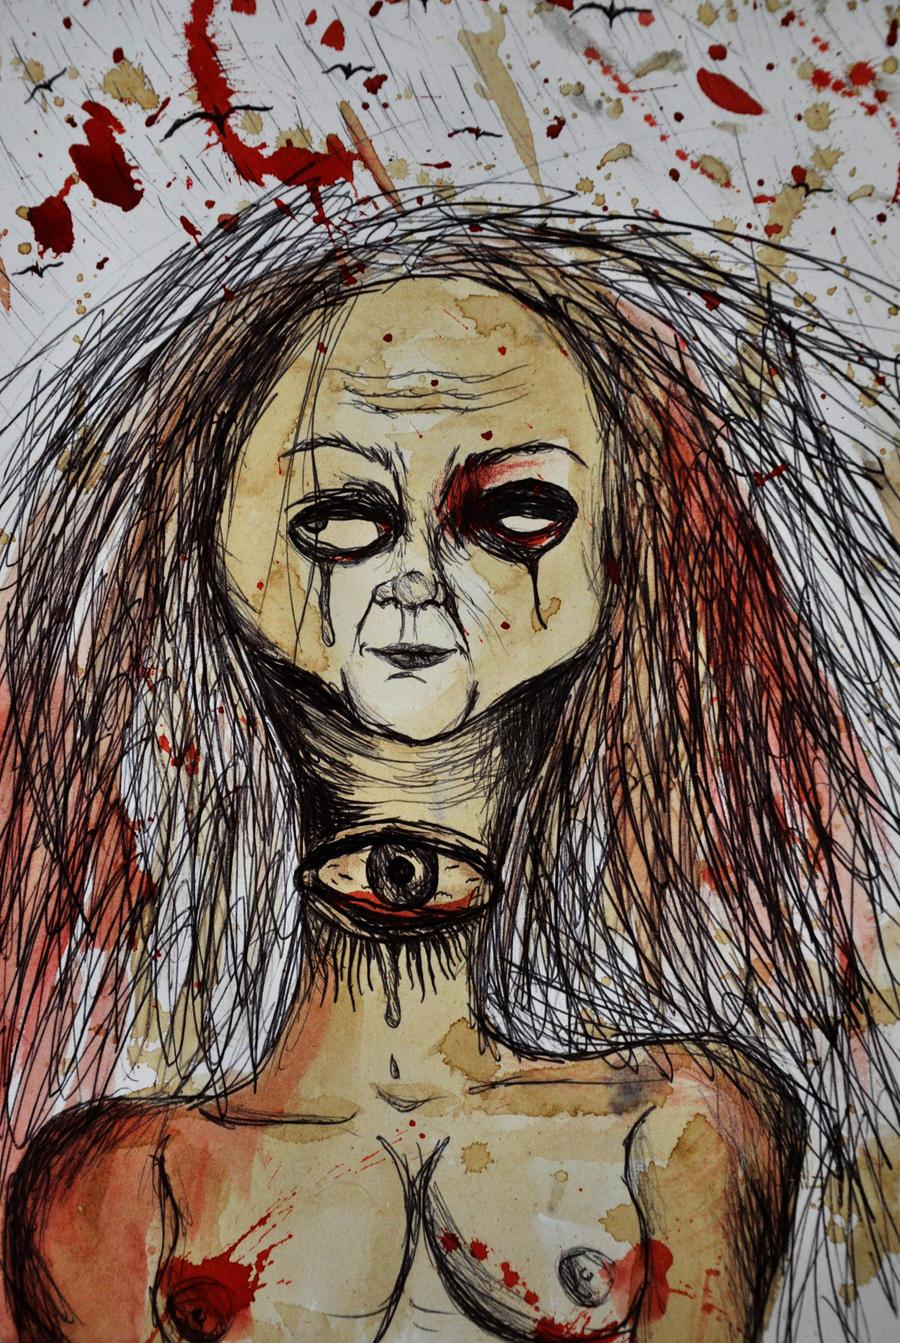 Lady by StrangerLyri